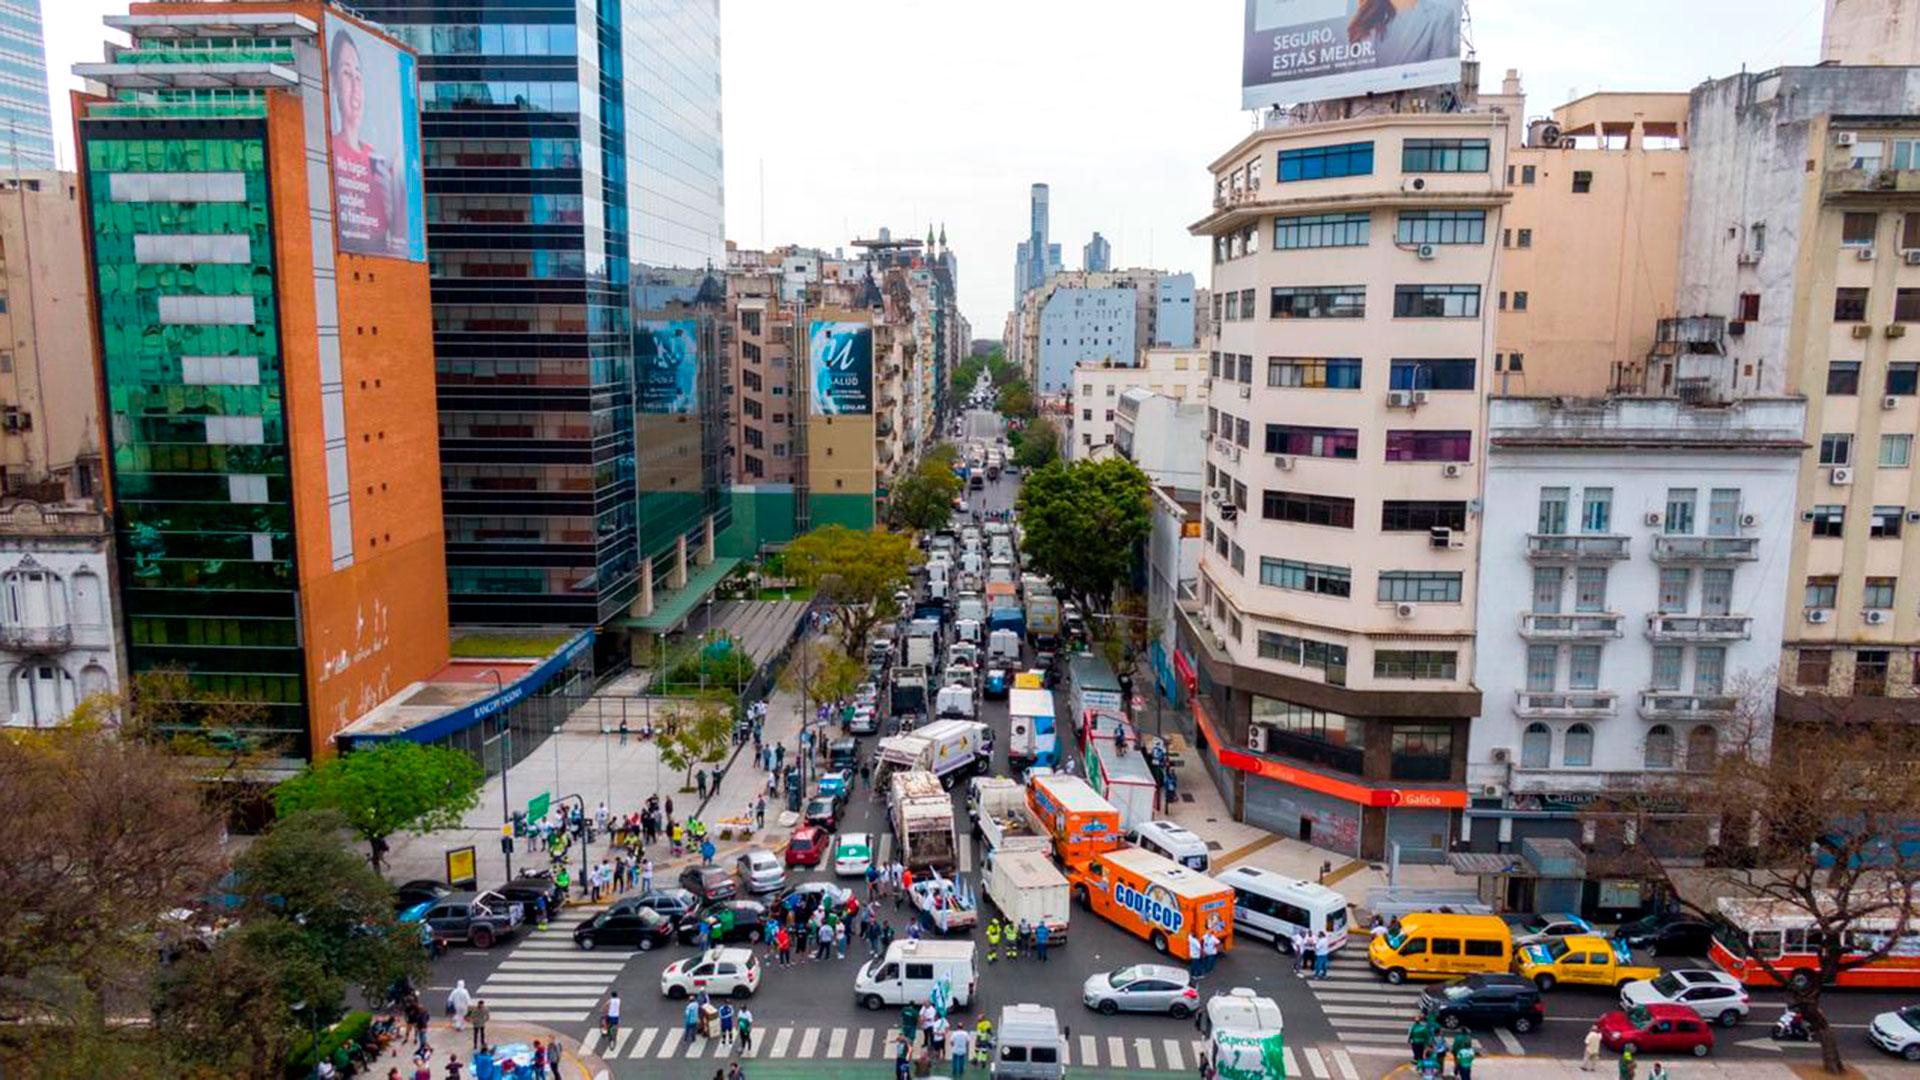 La avenida 9 de Julio, colmada de vehículos, especialmente camiones y ómnibus